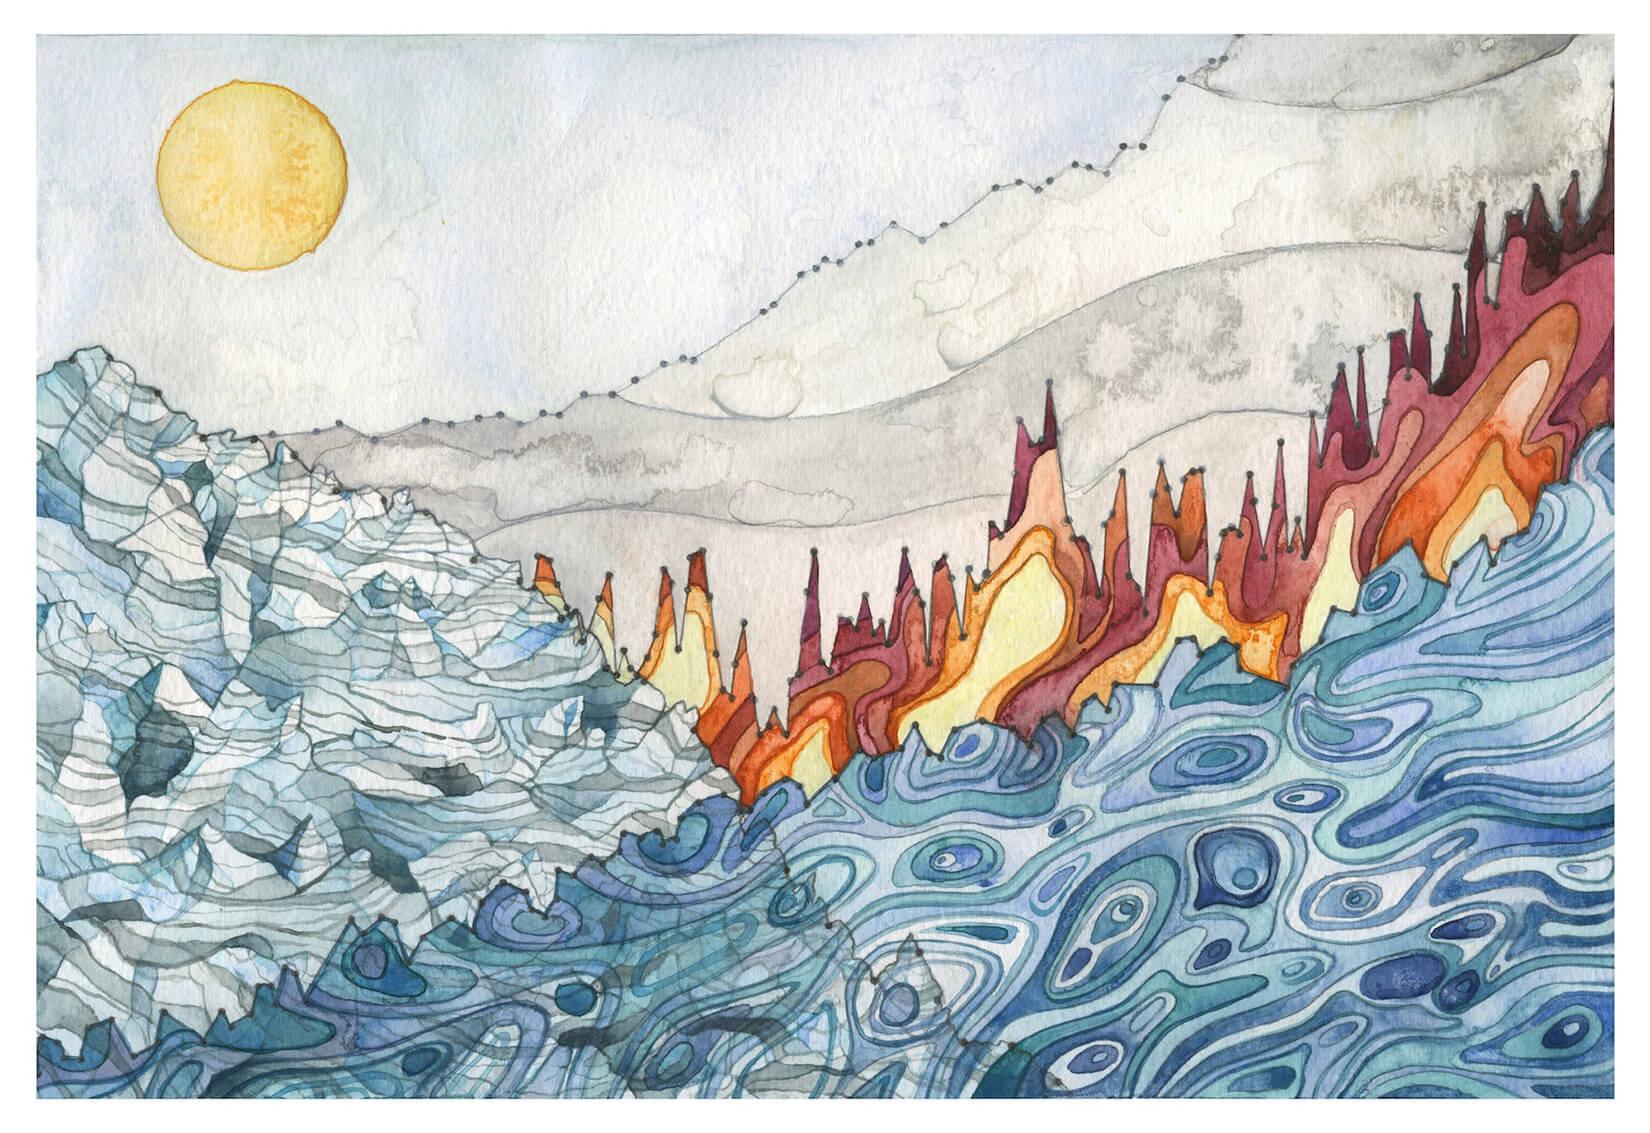 """""""Landscape of Change,"""" Jill Pelto, 2016"""